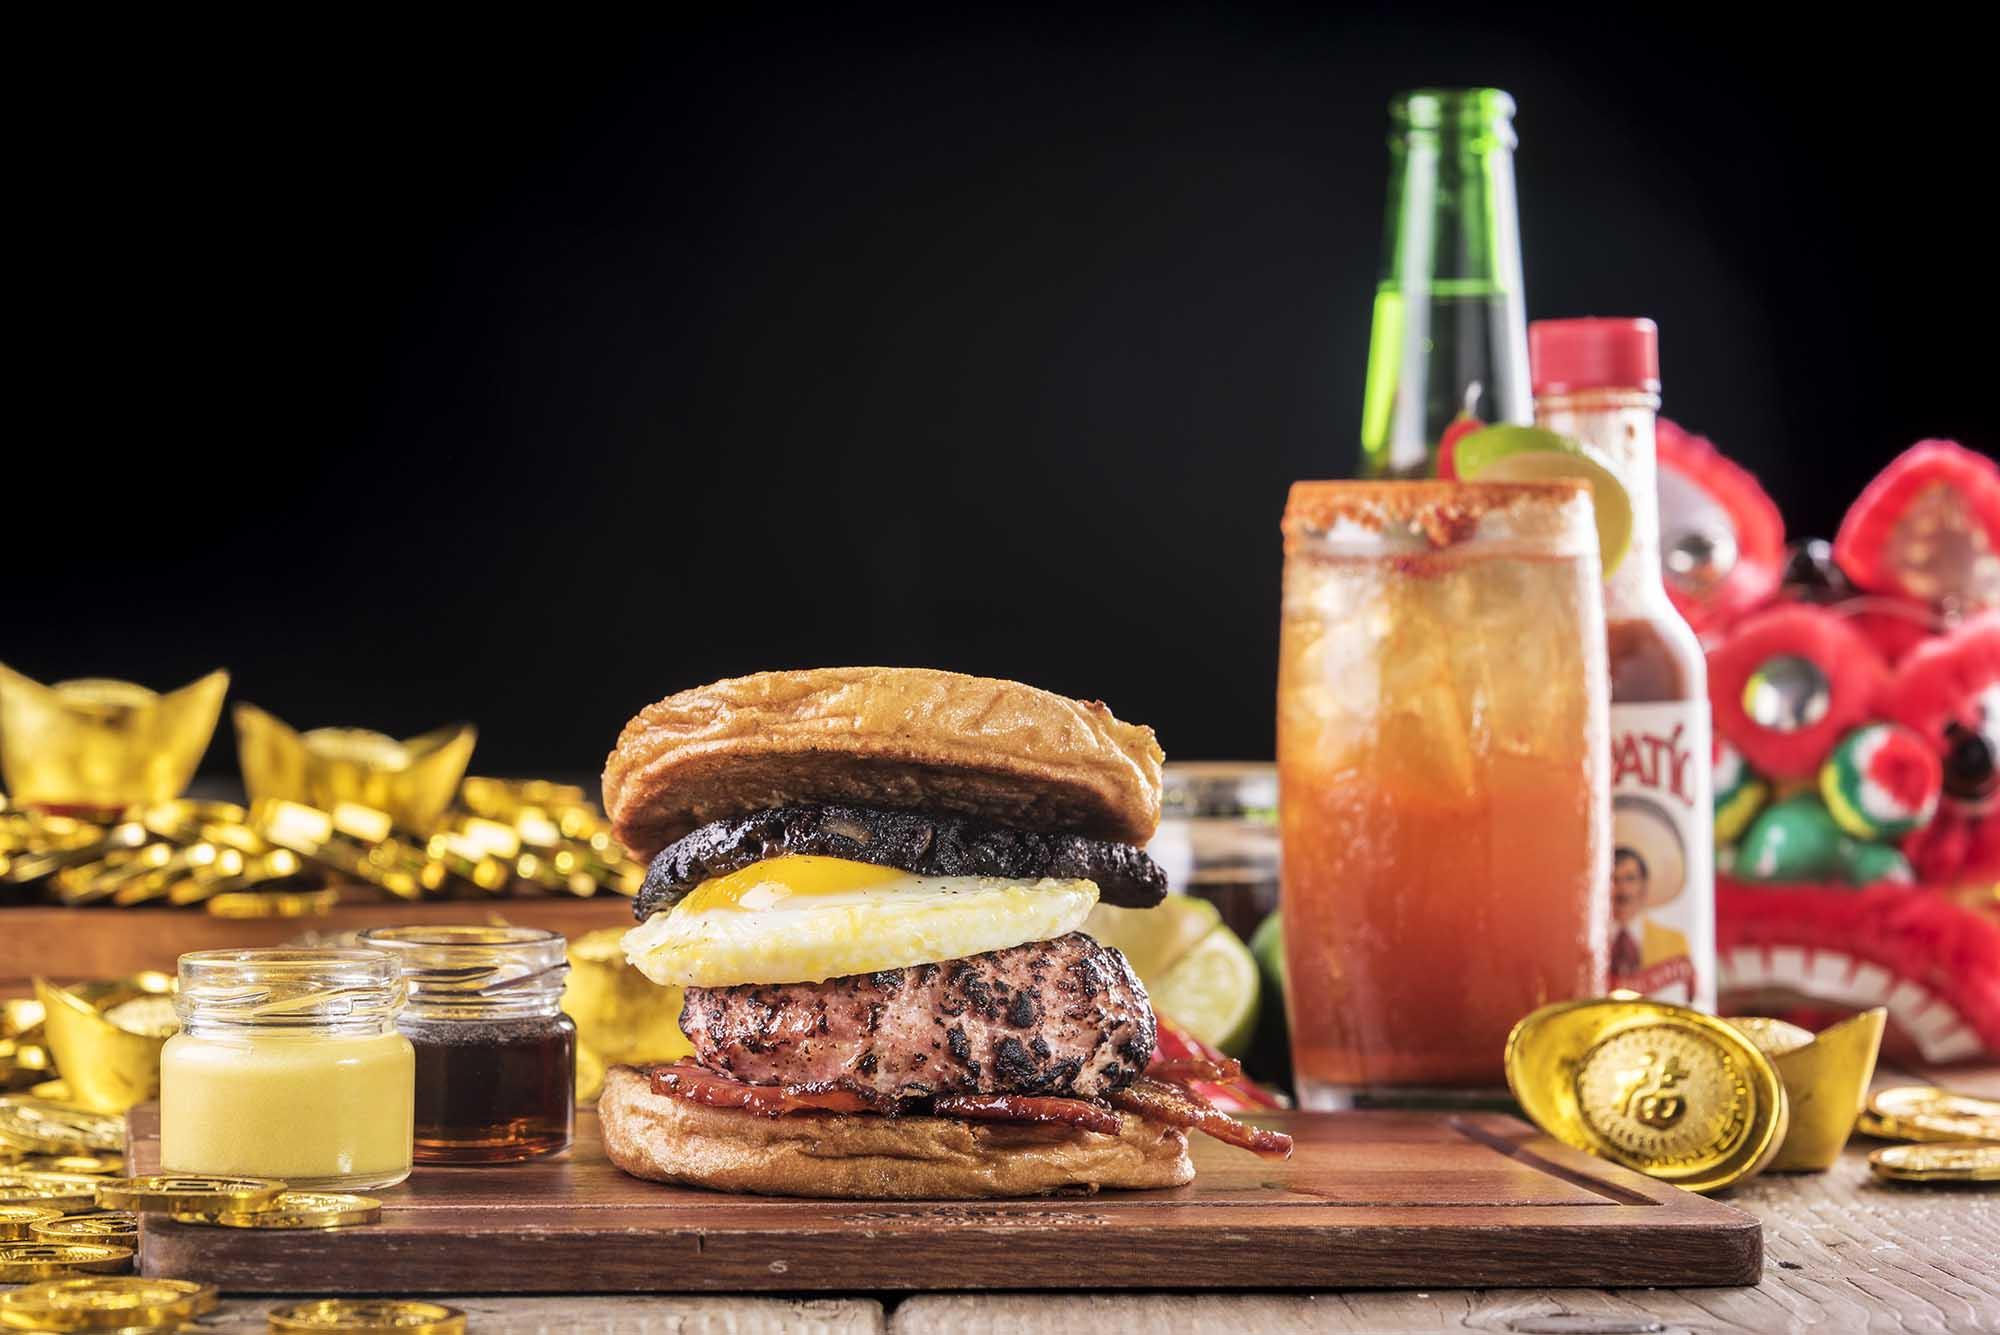 農曆新年食漢堡?  The Butchers Club  推「旺財賀年堡套餐」